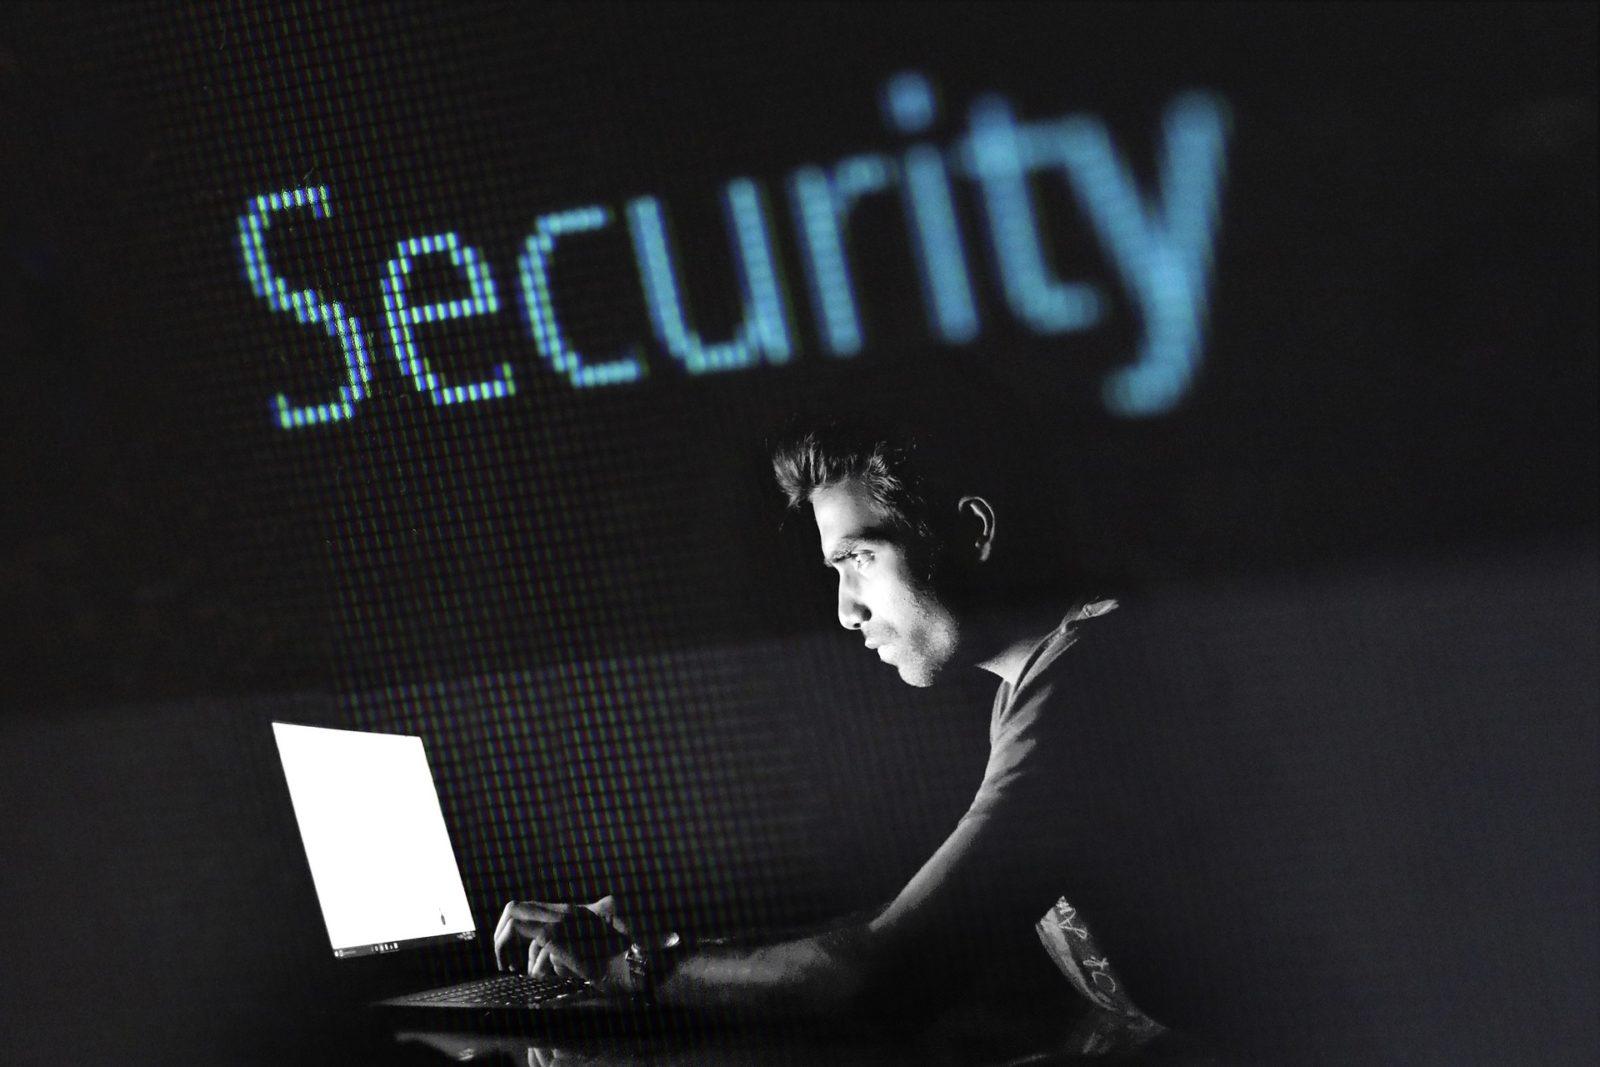 PC e hardware aziendali: come difendersi dai furti